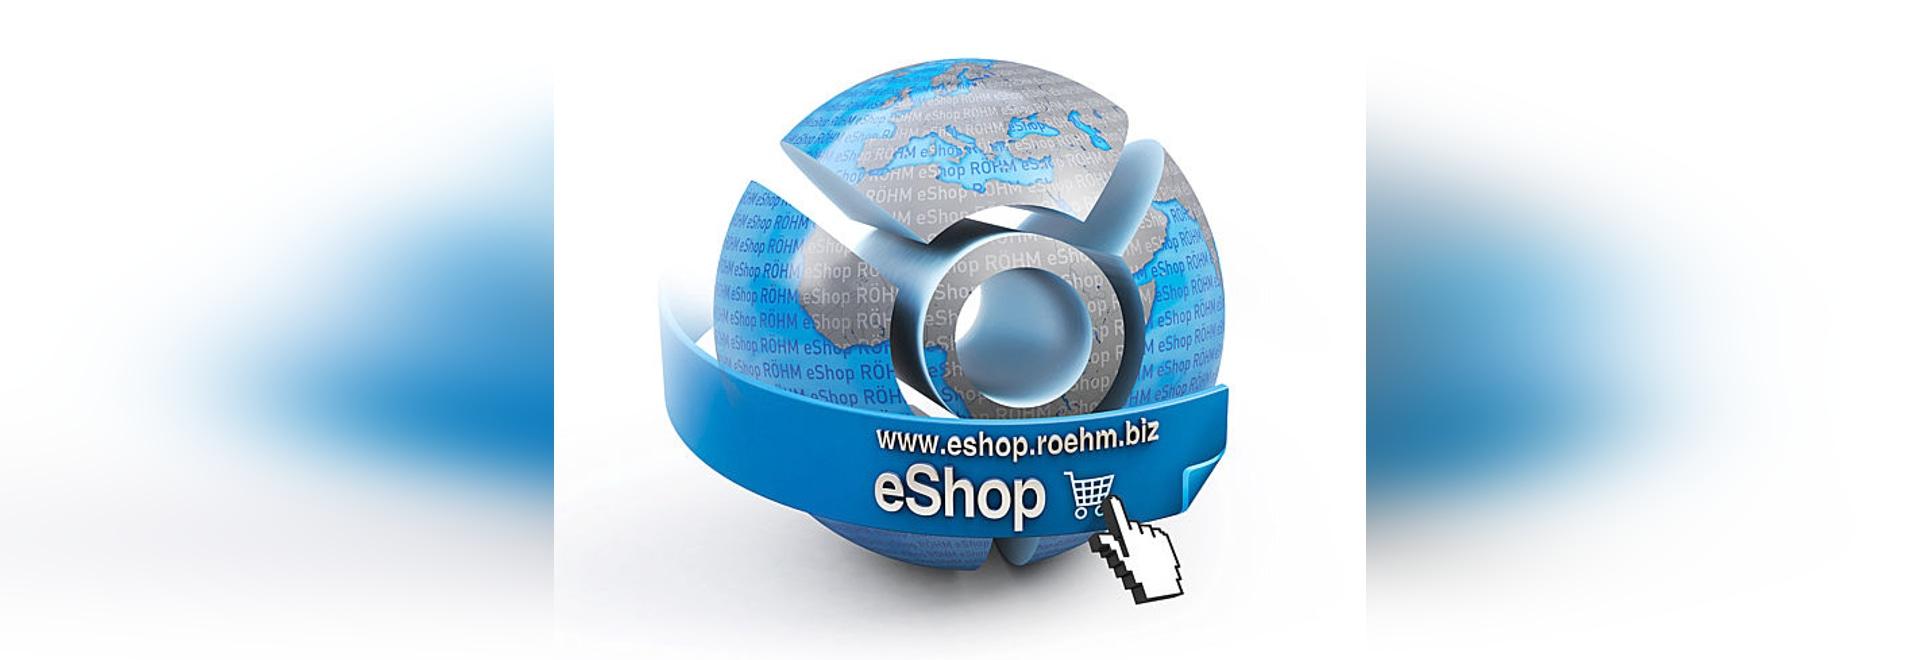 Achetez simplement le fixage et la technologie passionnante des spécialistes en ligne : L'eShop de Röhm